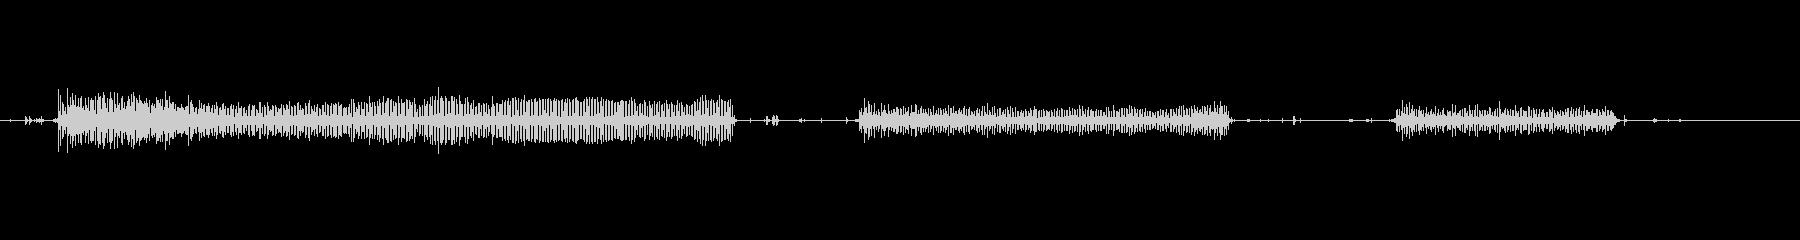 空気ハンマーの未再生の波形